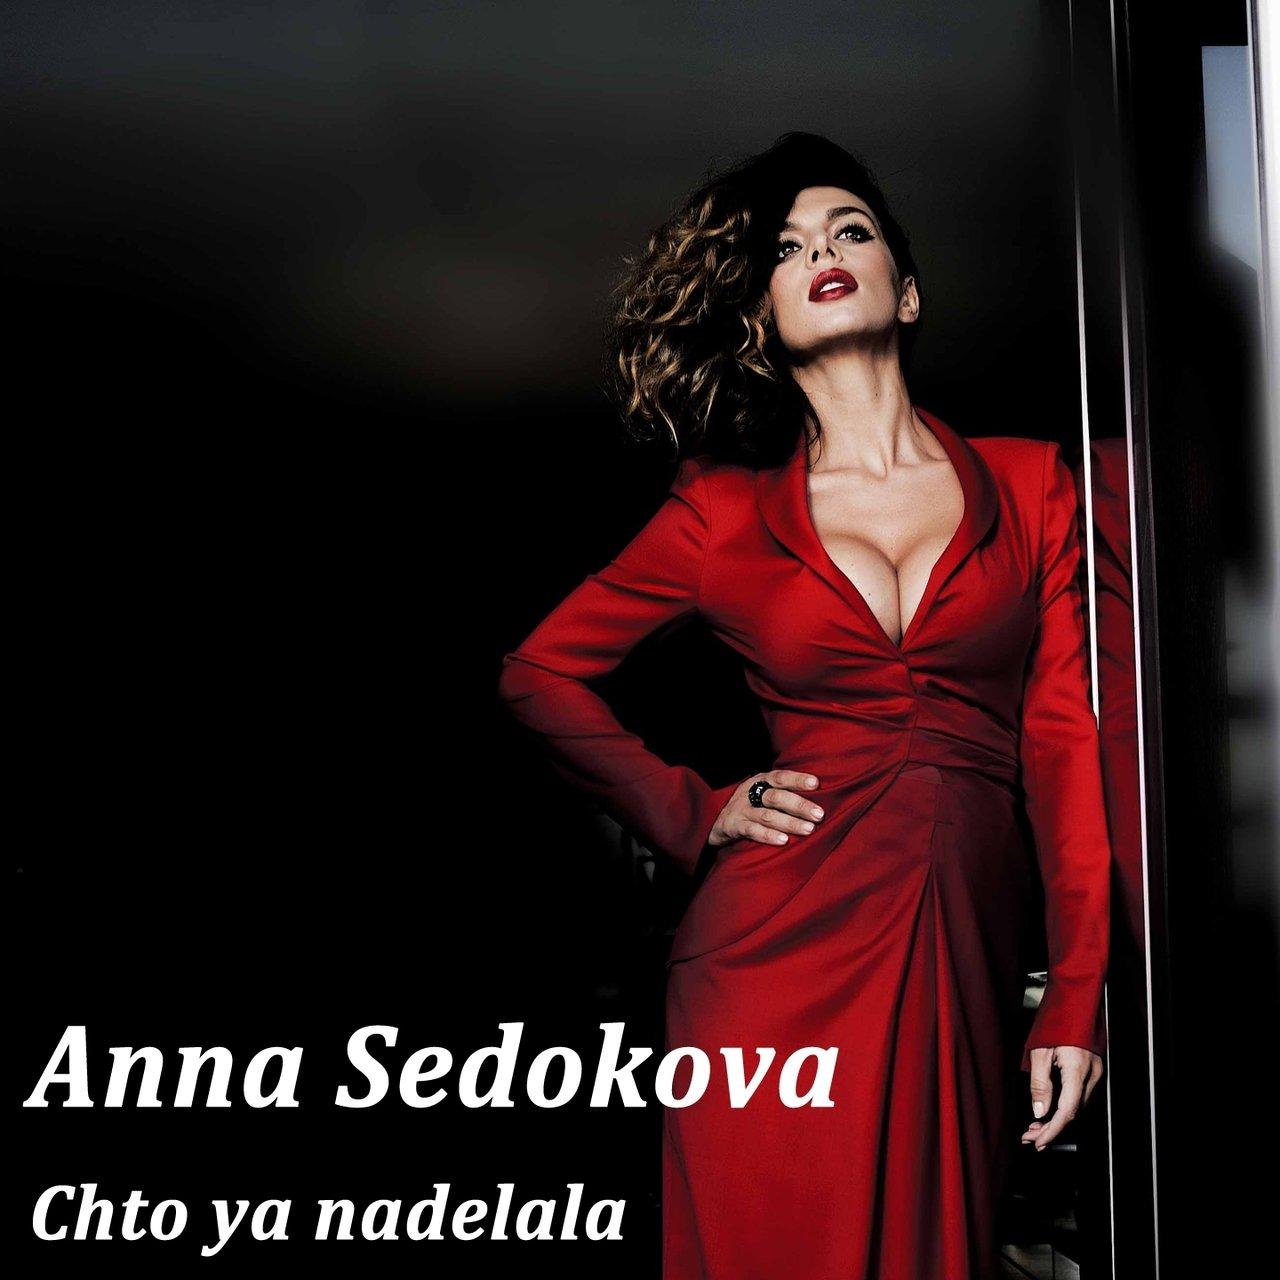 Sedokova first showed son